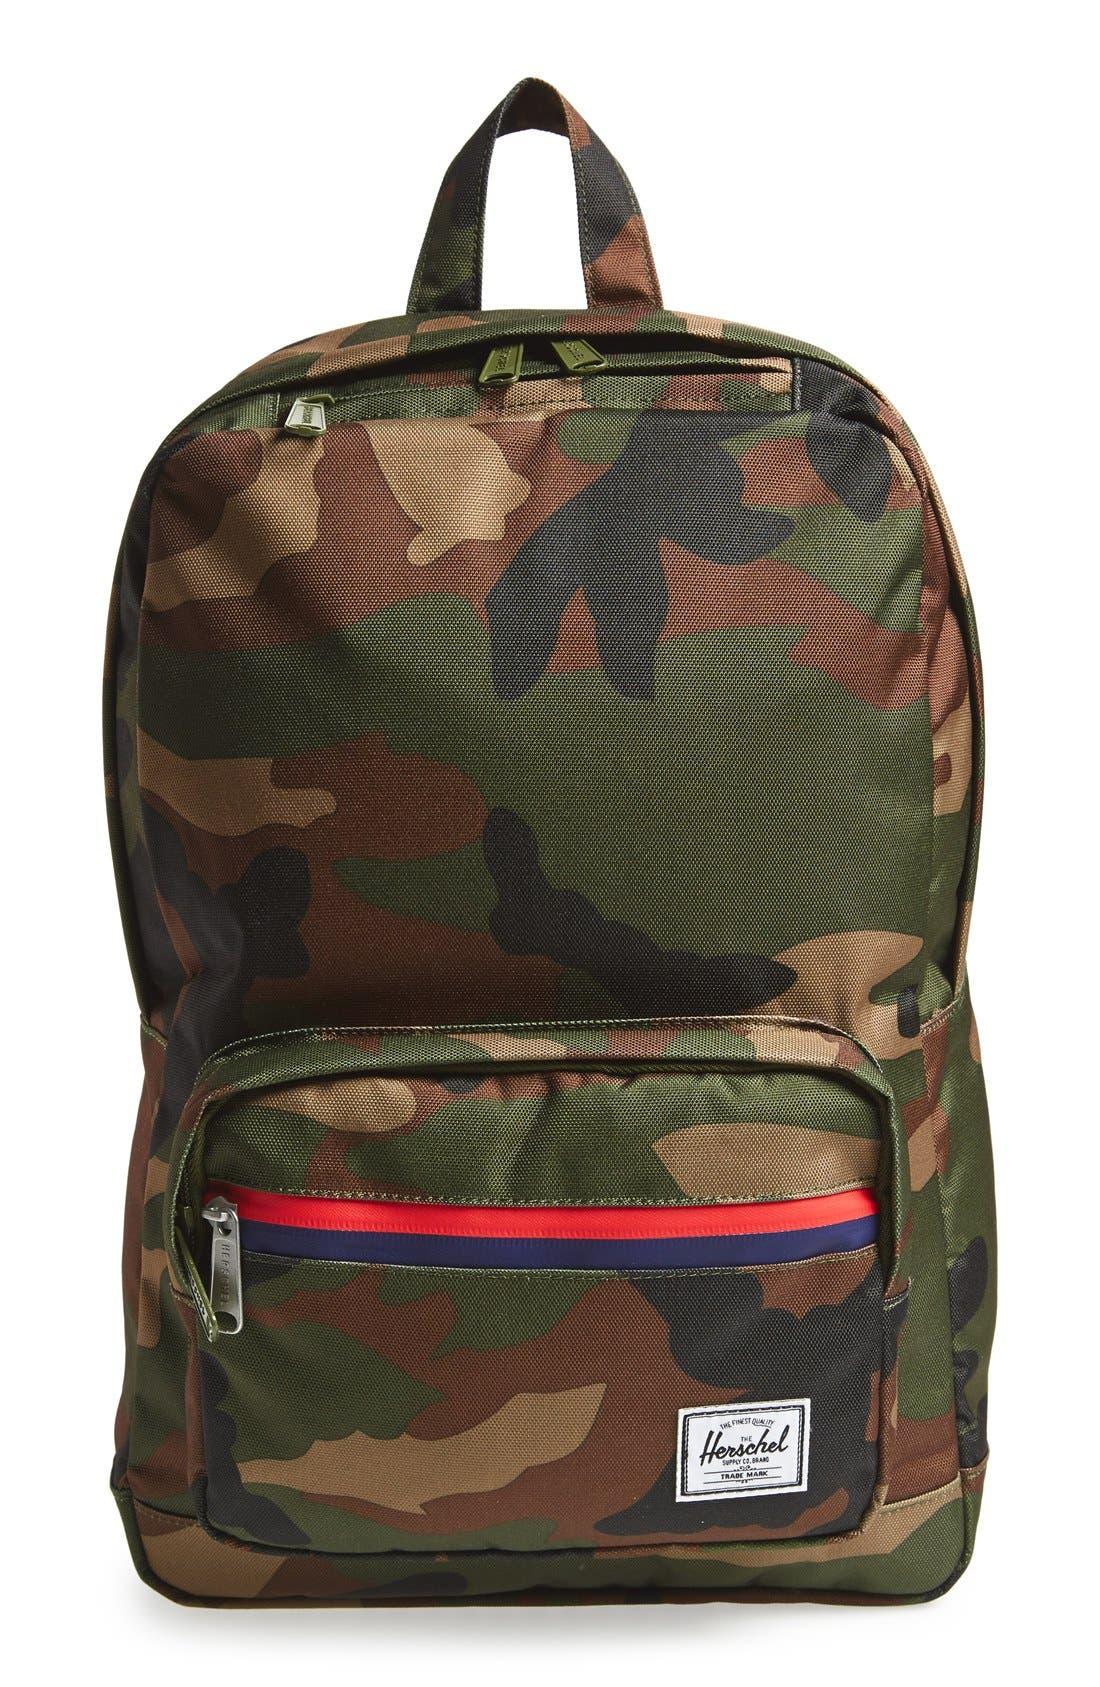 Alternate Image 1 Selected - Herschel Supply Co. 'Pop Quiz - Mid Volume' Backpack